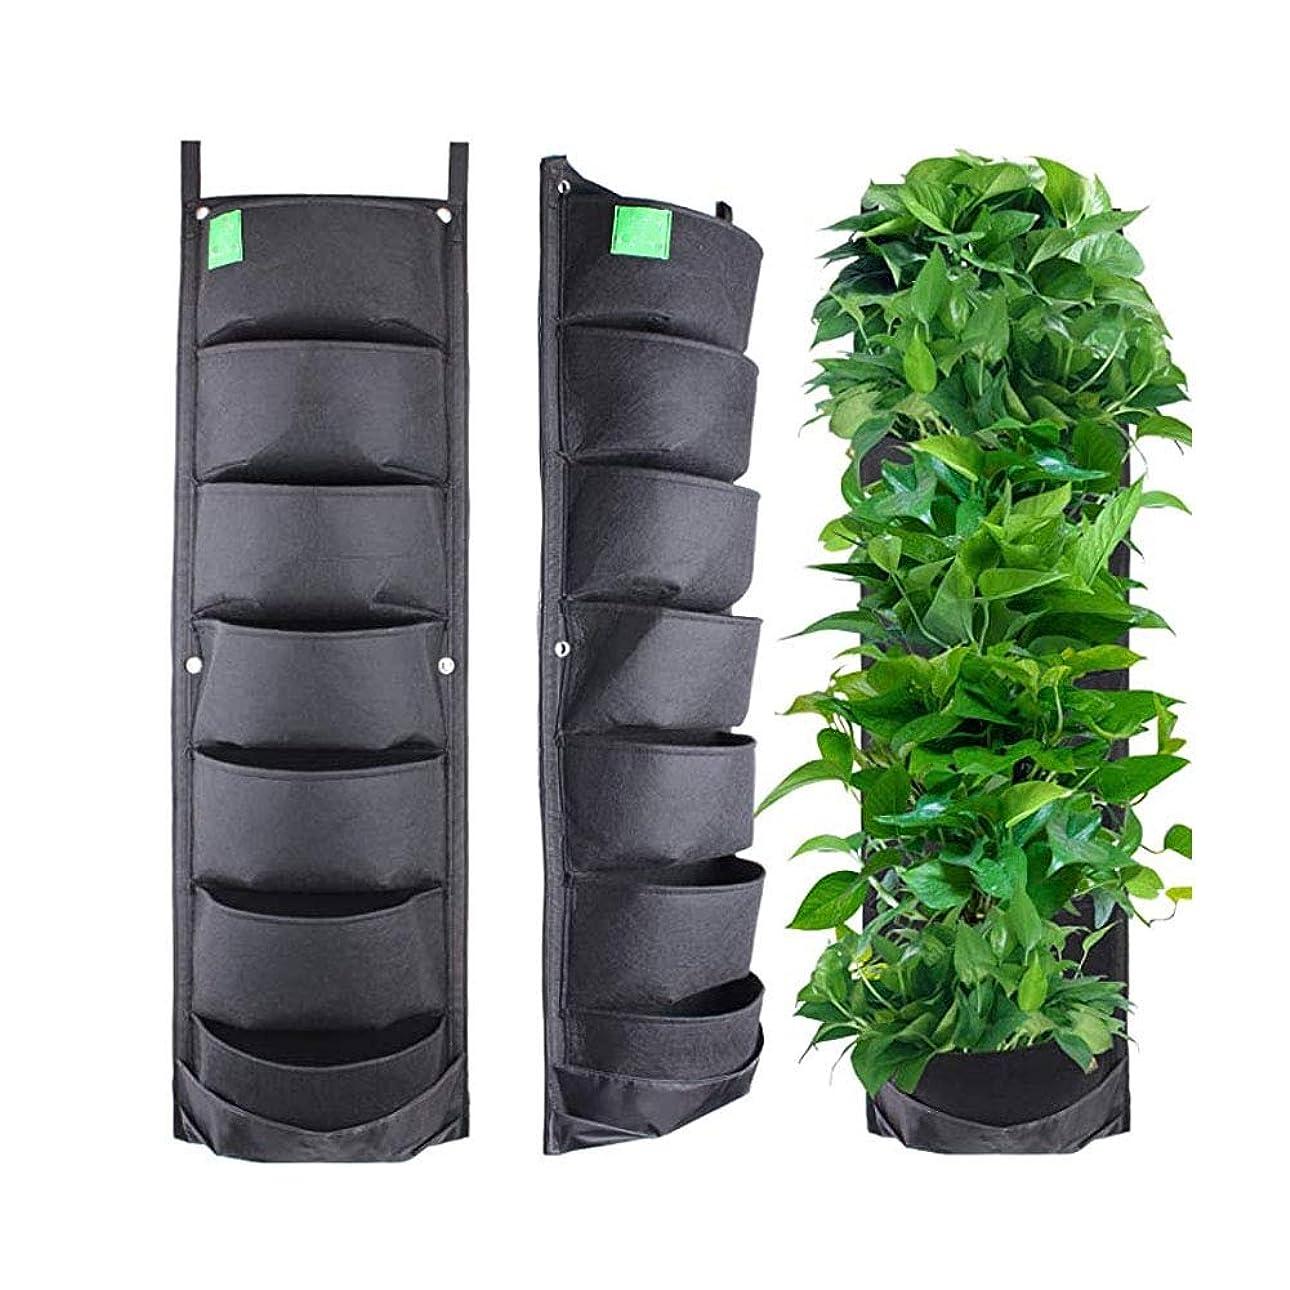 多用途男やもめ放射能Ouken プランター フェルト 植物栽培バッグ 7ポケット 縦 壁掛け式 植栽バック 布プランター 園芸用 ガーデン 庭 植え袋 不織布 鉢 栽培 通気性良い